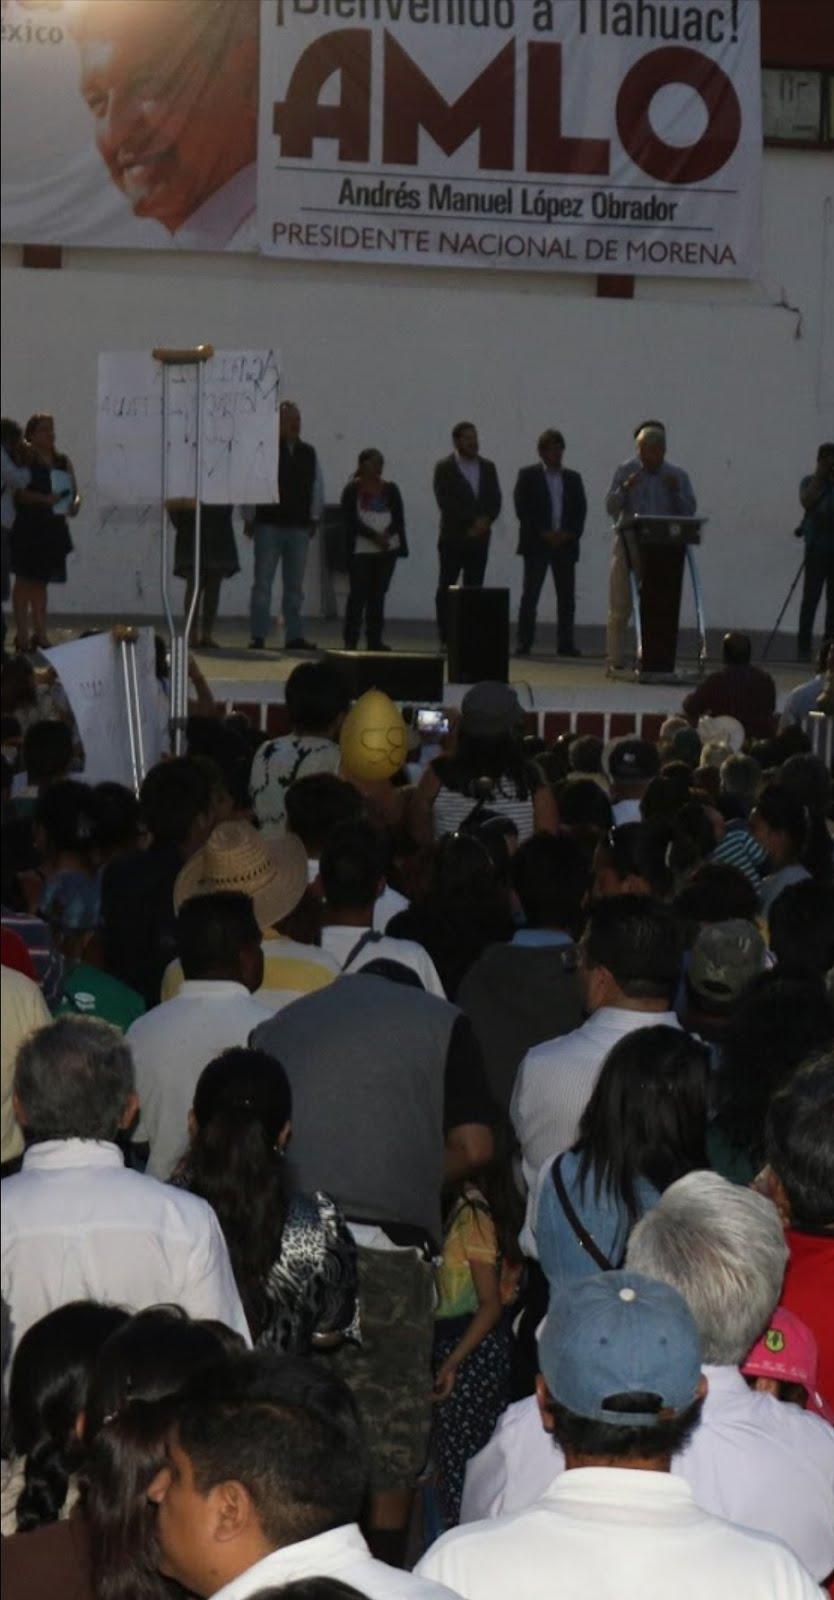 El show del «Peje» se presentó en Tláhuac como conferencia política